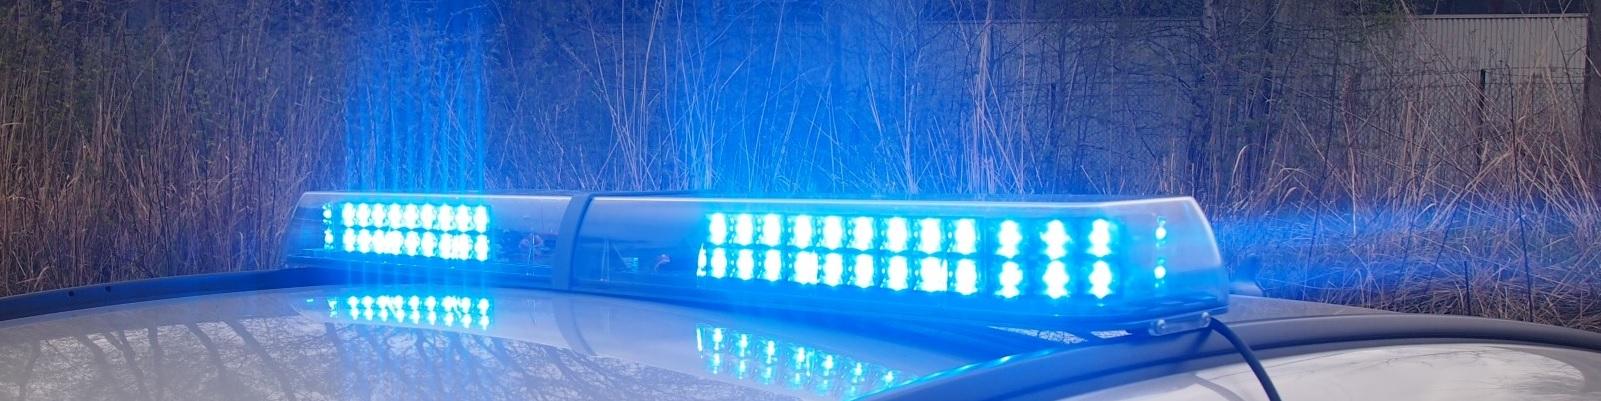 Dvojitá řada LED modulů